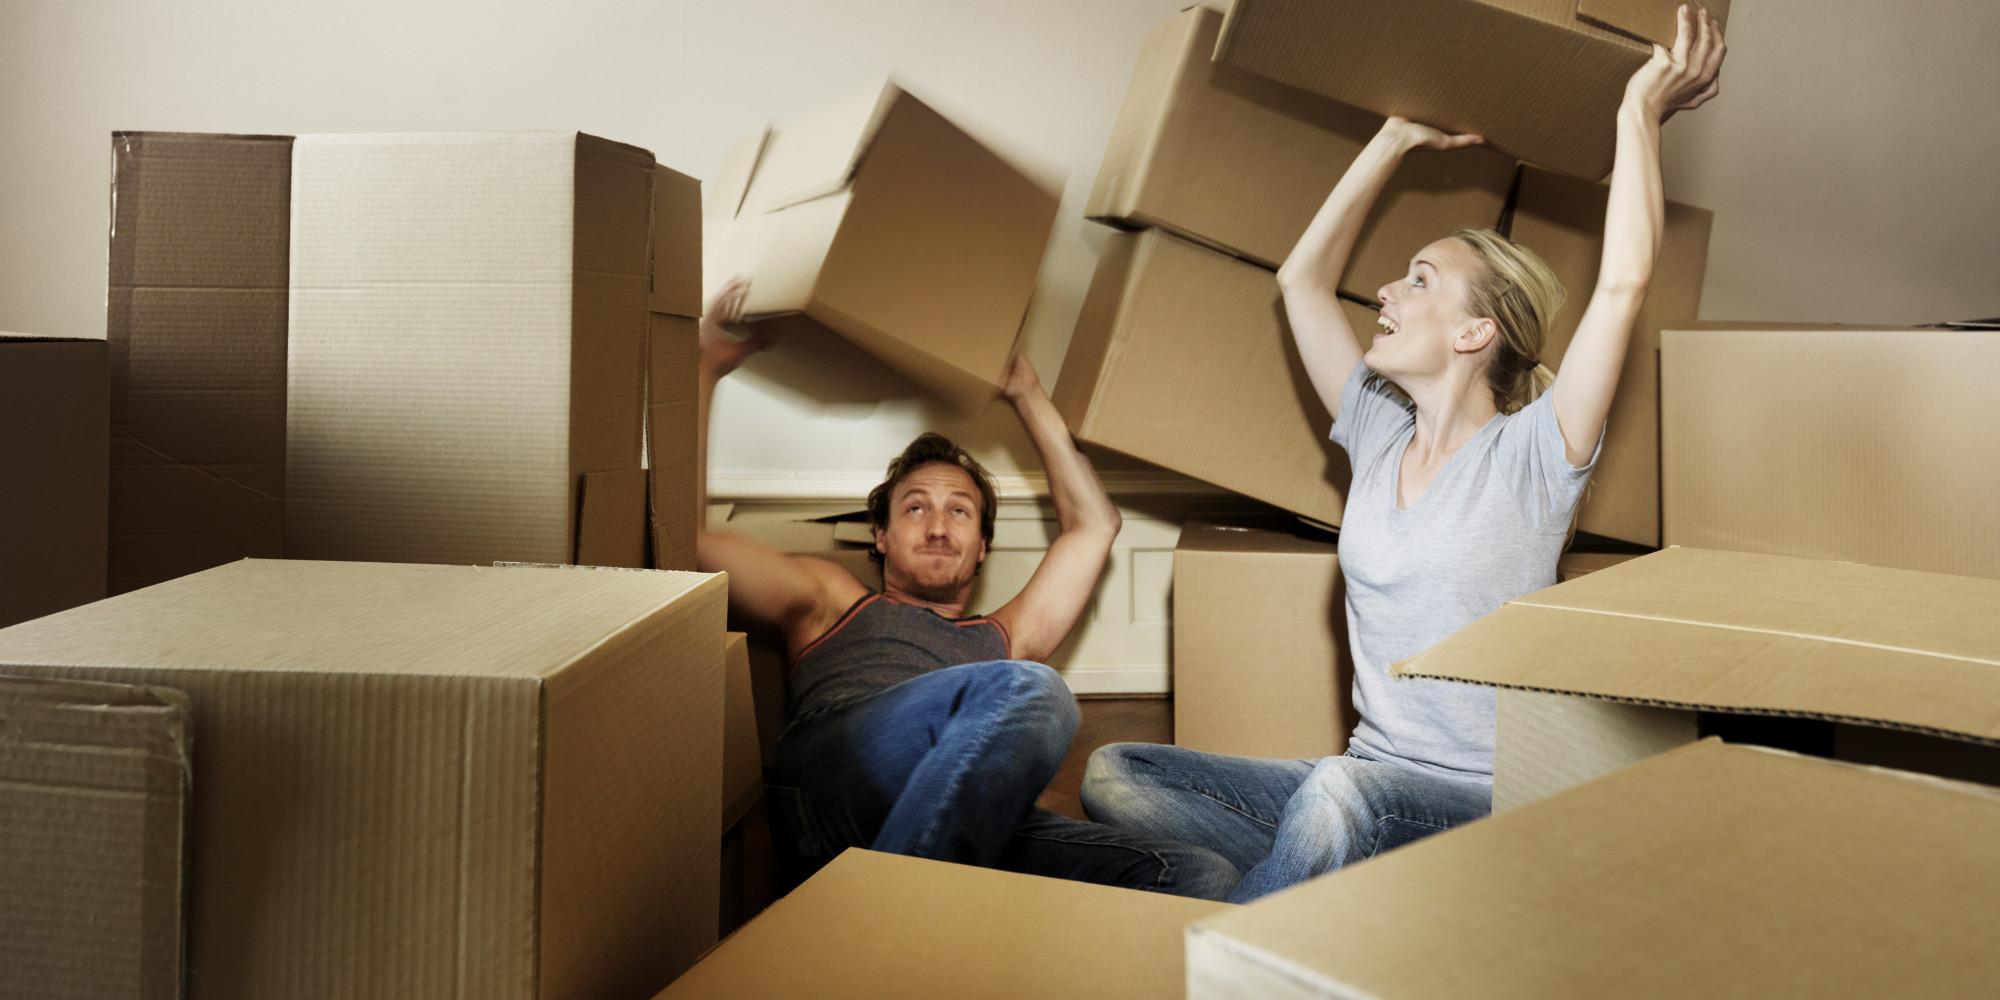 Pasos a seguir para abandonar la vivienda antes del fin del contrato